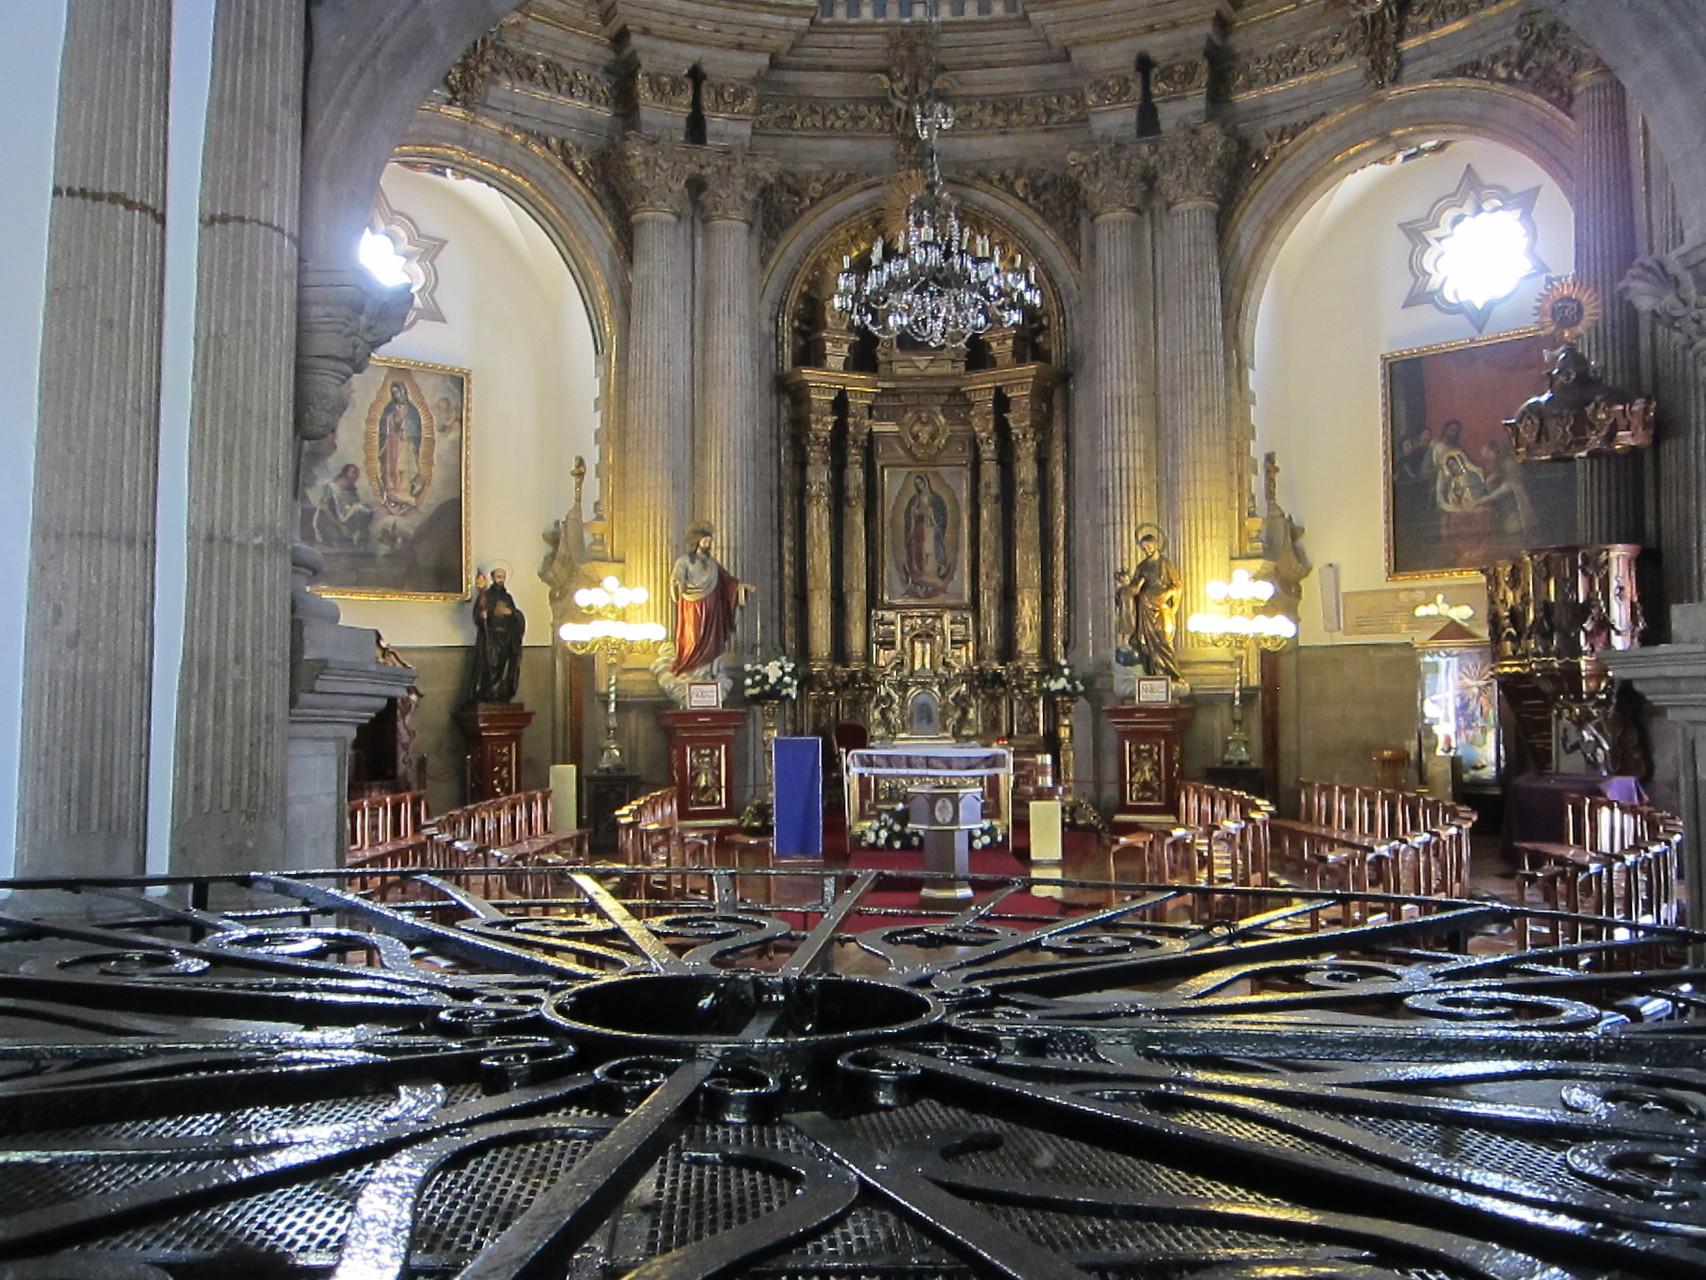 聖水の教会内